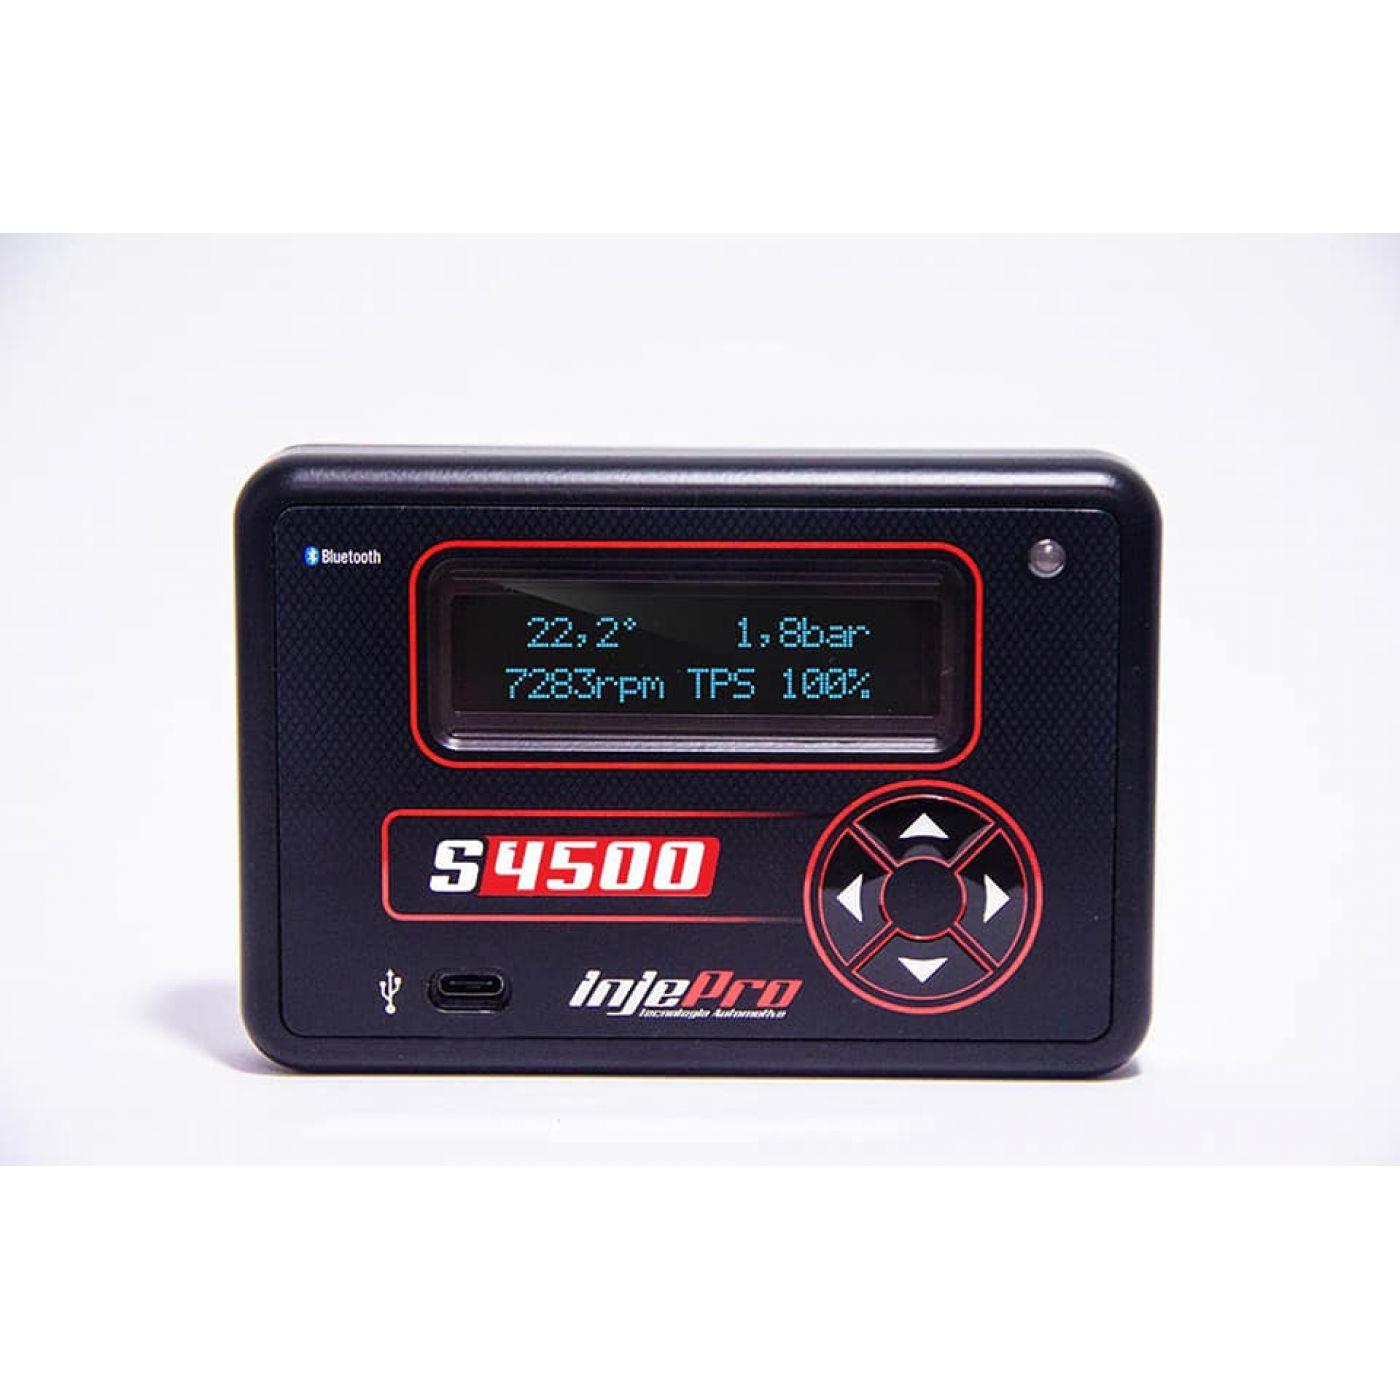 Injepro S4500